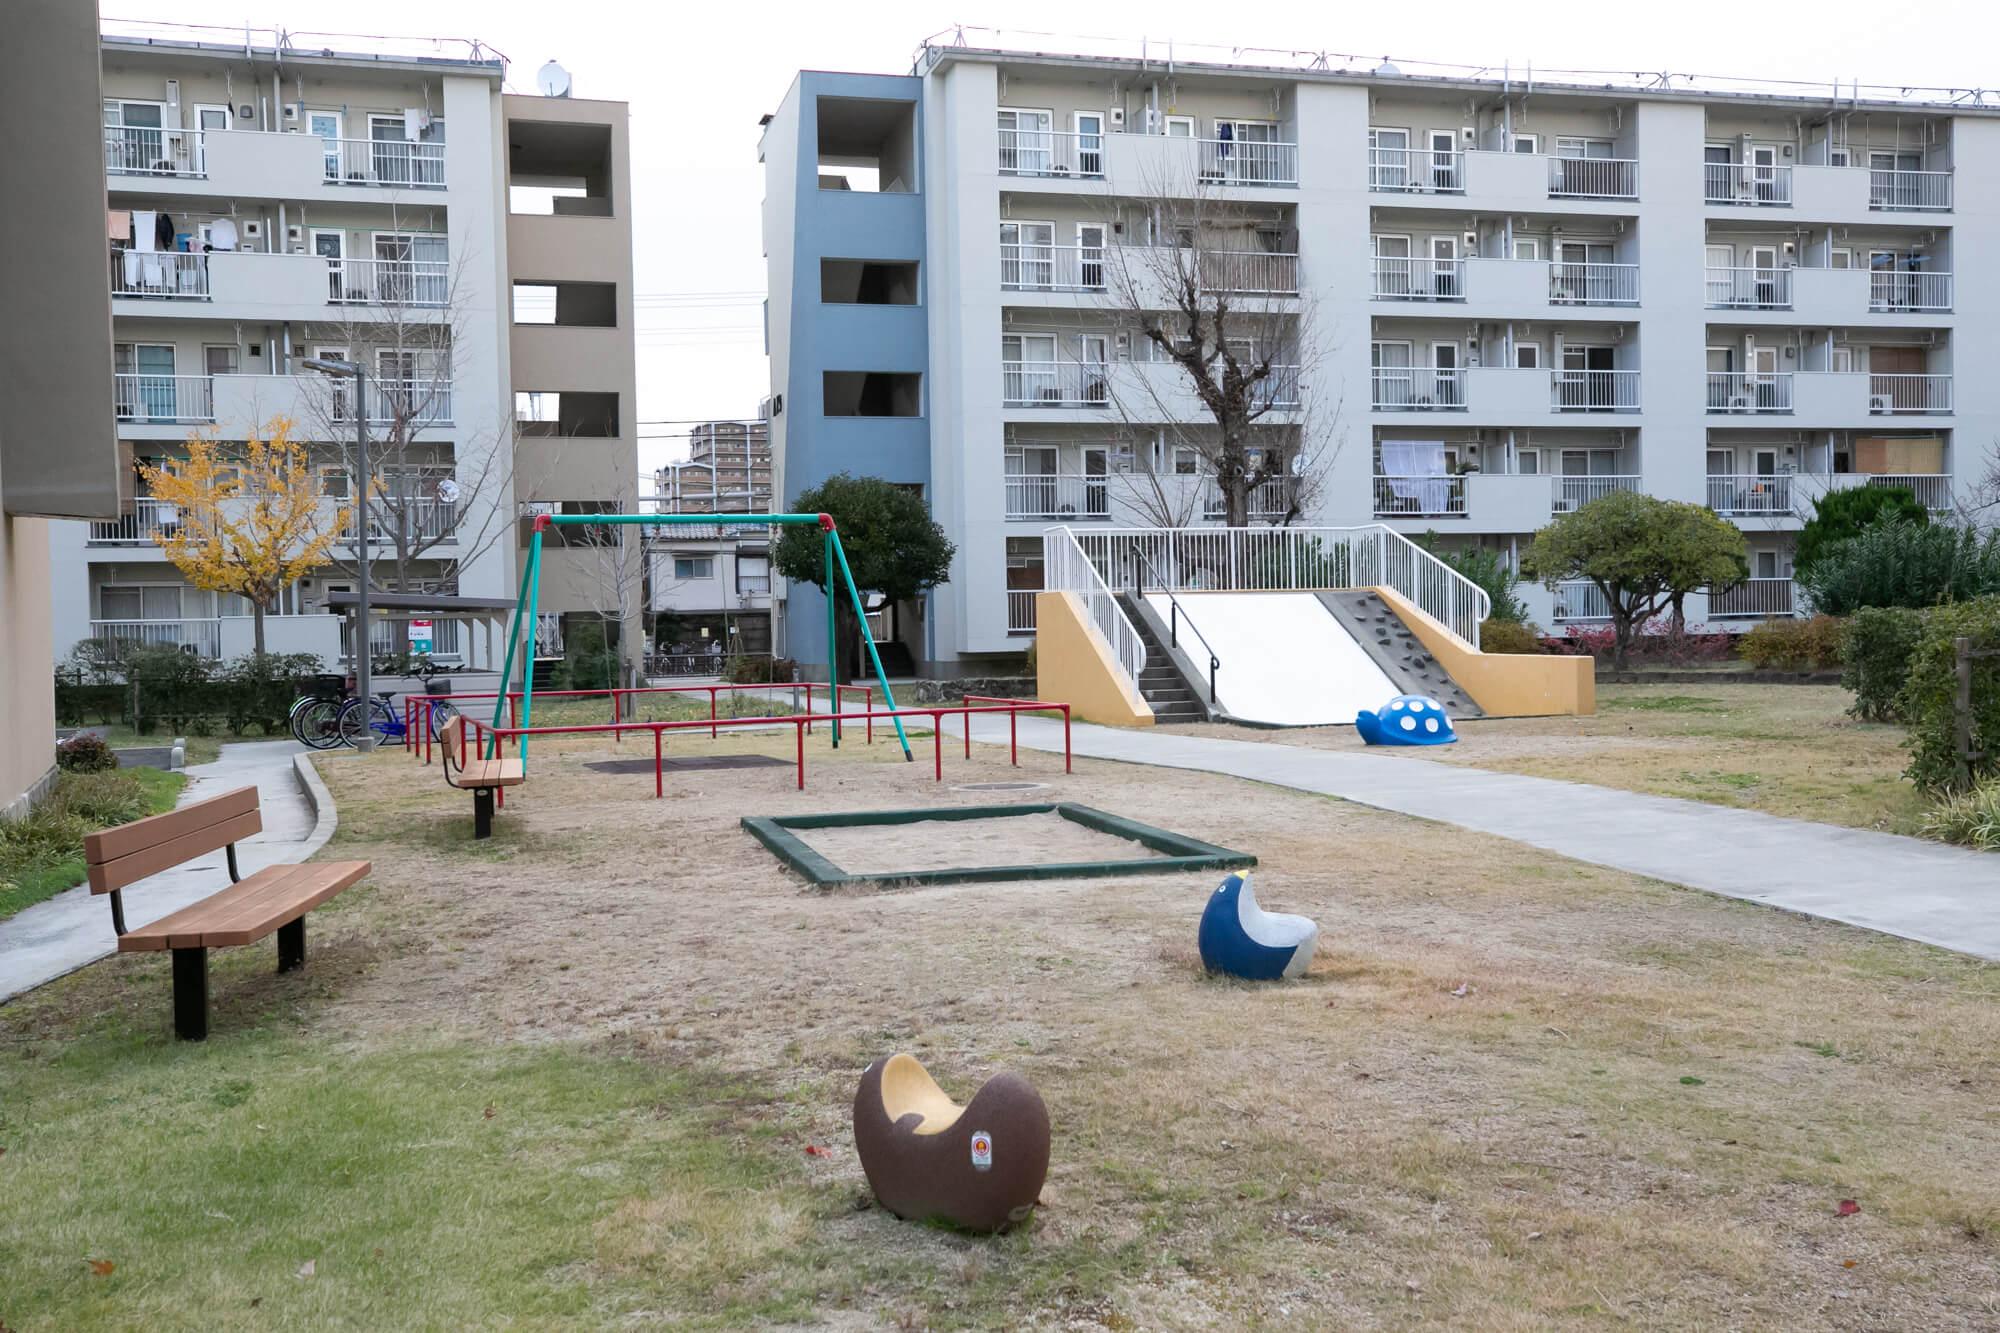 ゆったりと取られた遊歩道に、いろんなところに遊具やちょっとした休憩スペースもあります。